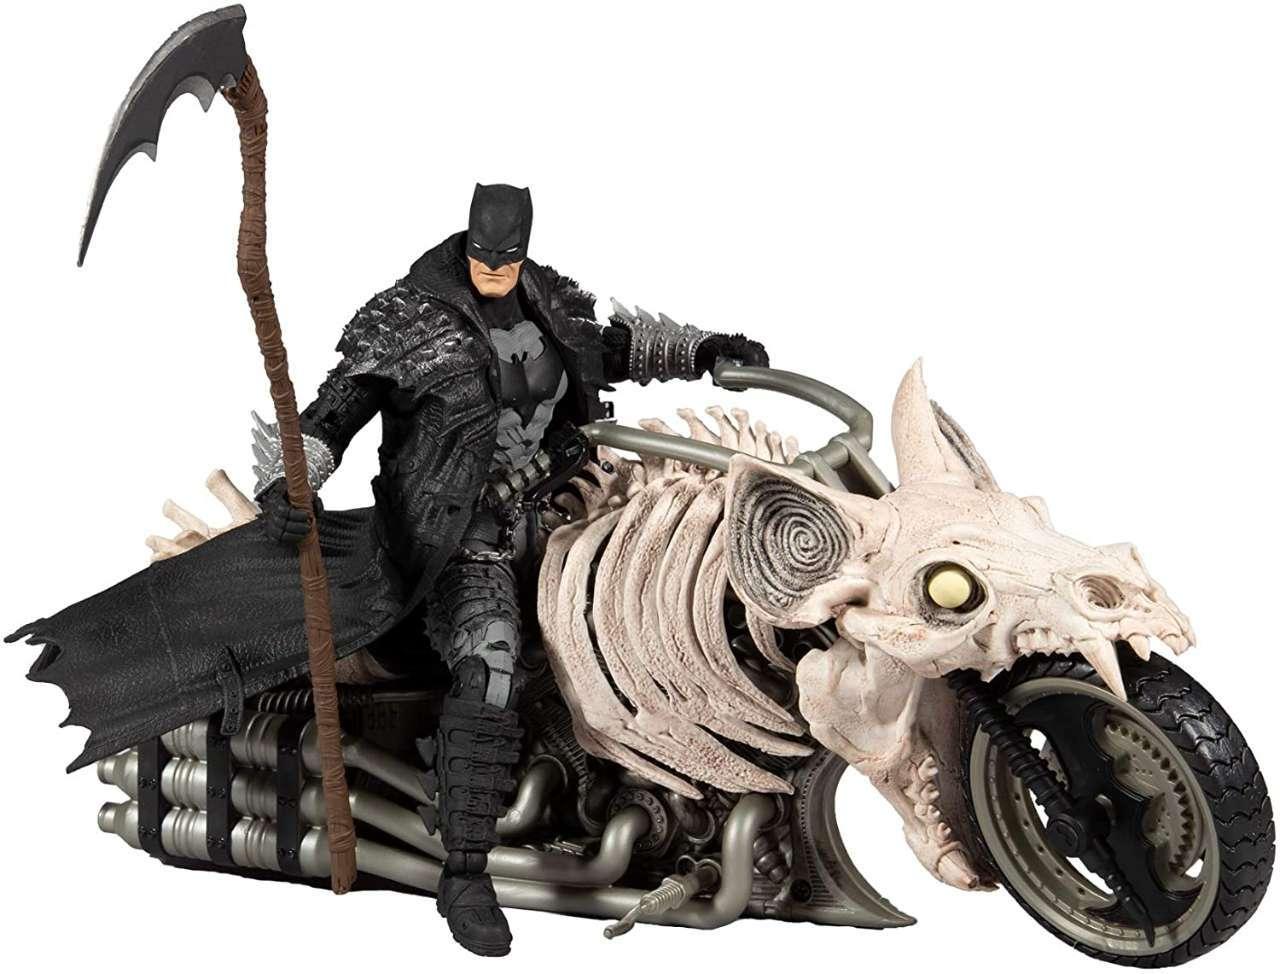 mcfarlane-toys-death-metal-batcycle-71EDMMsIMHL_AC_SL1500_